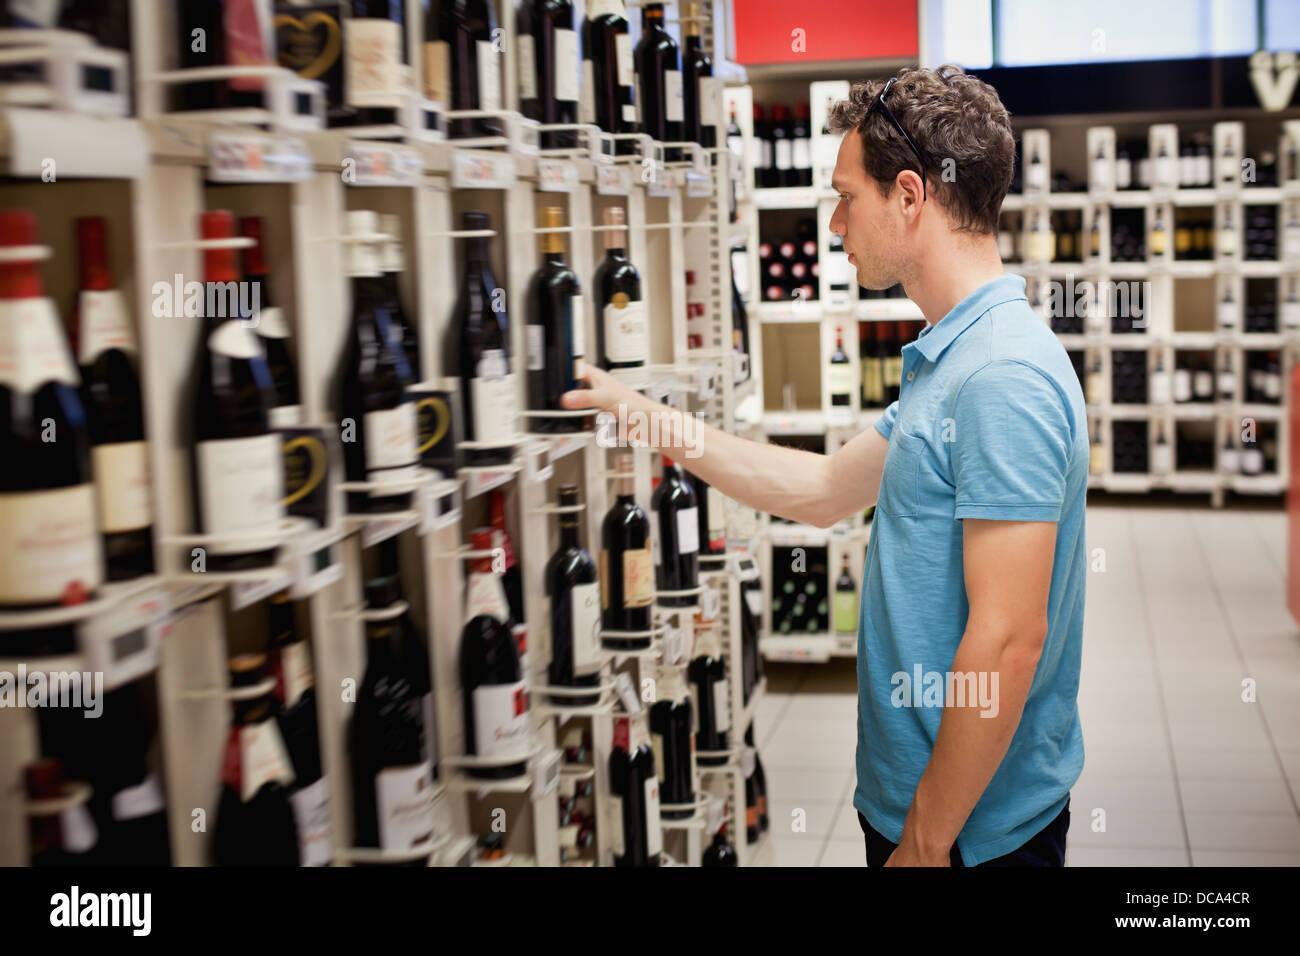 Elegir el vino en la tienda Imagen De Stock